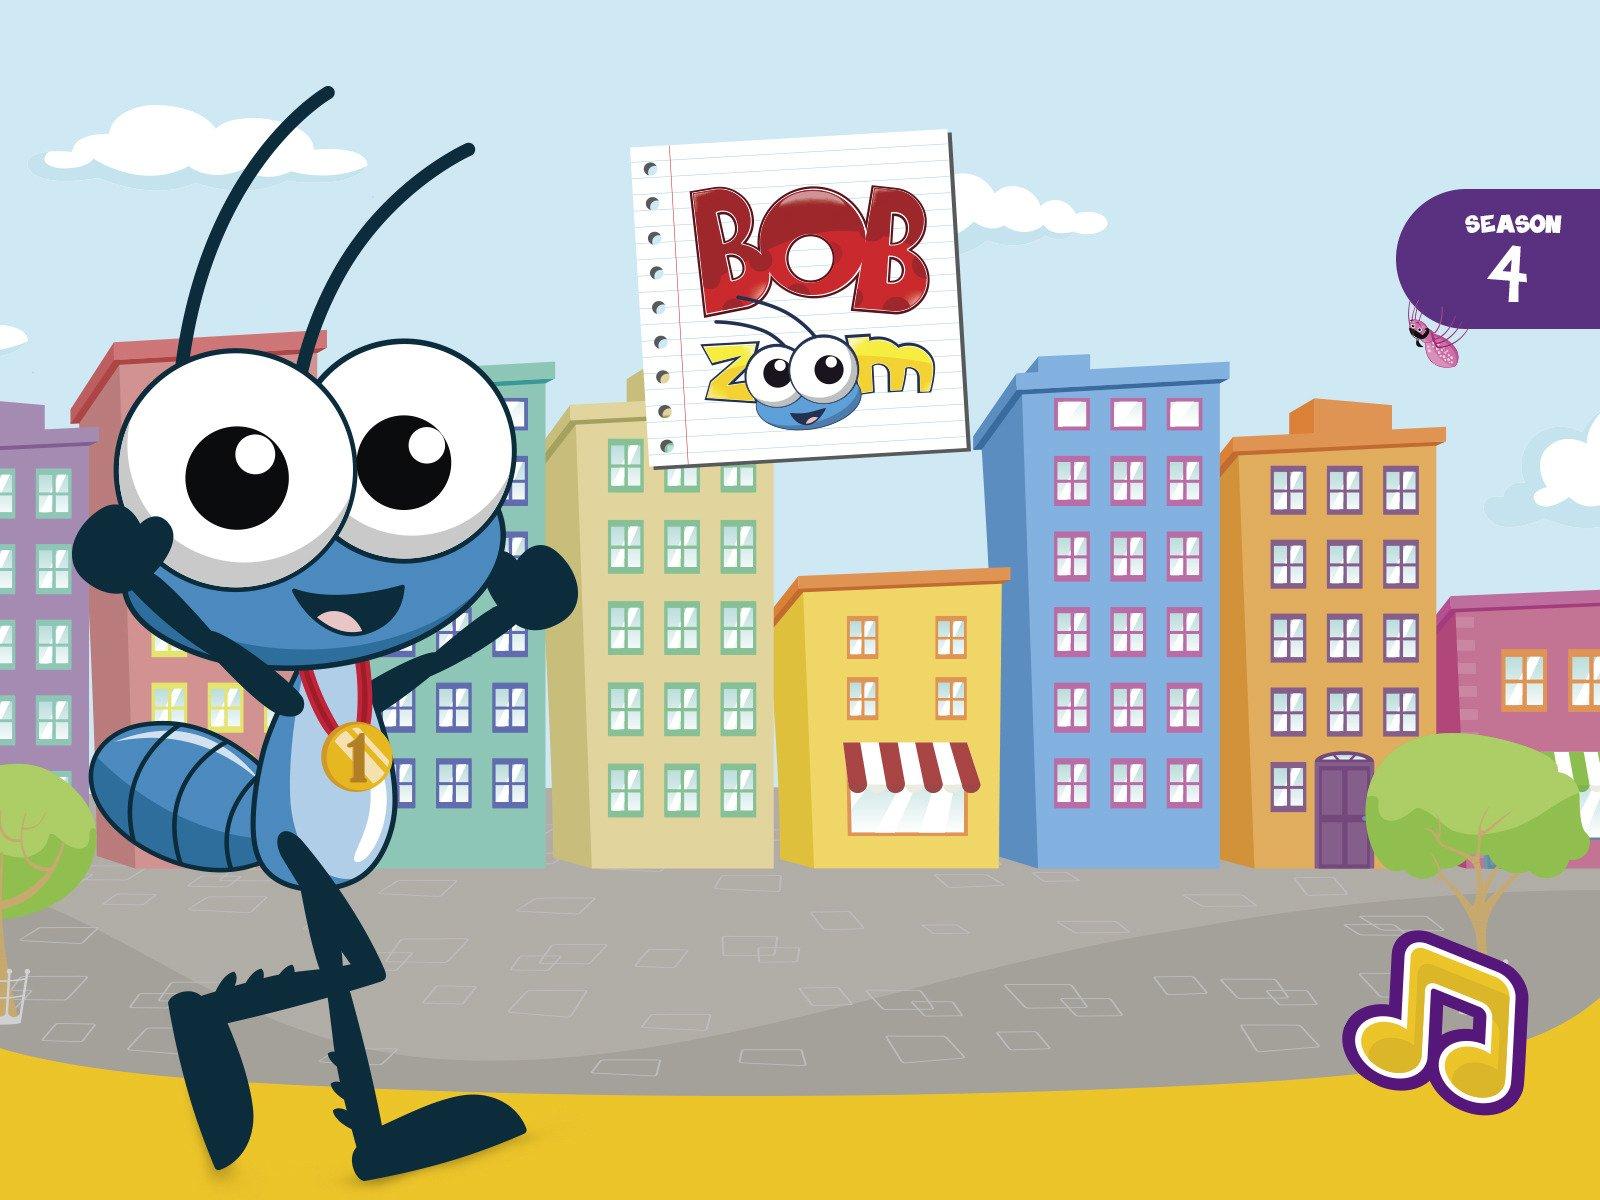 Bob Zoom - Season 4